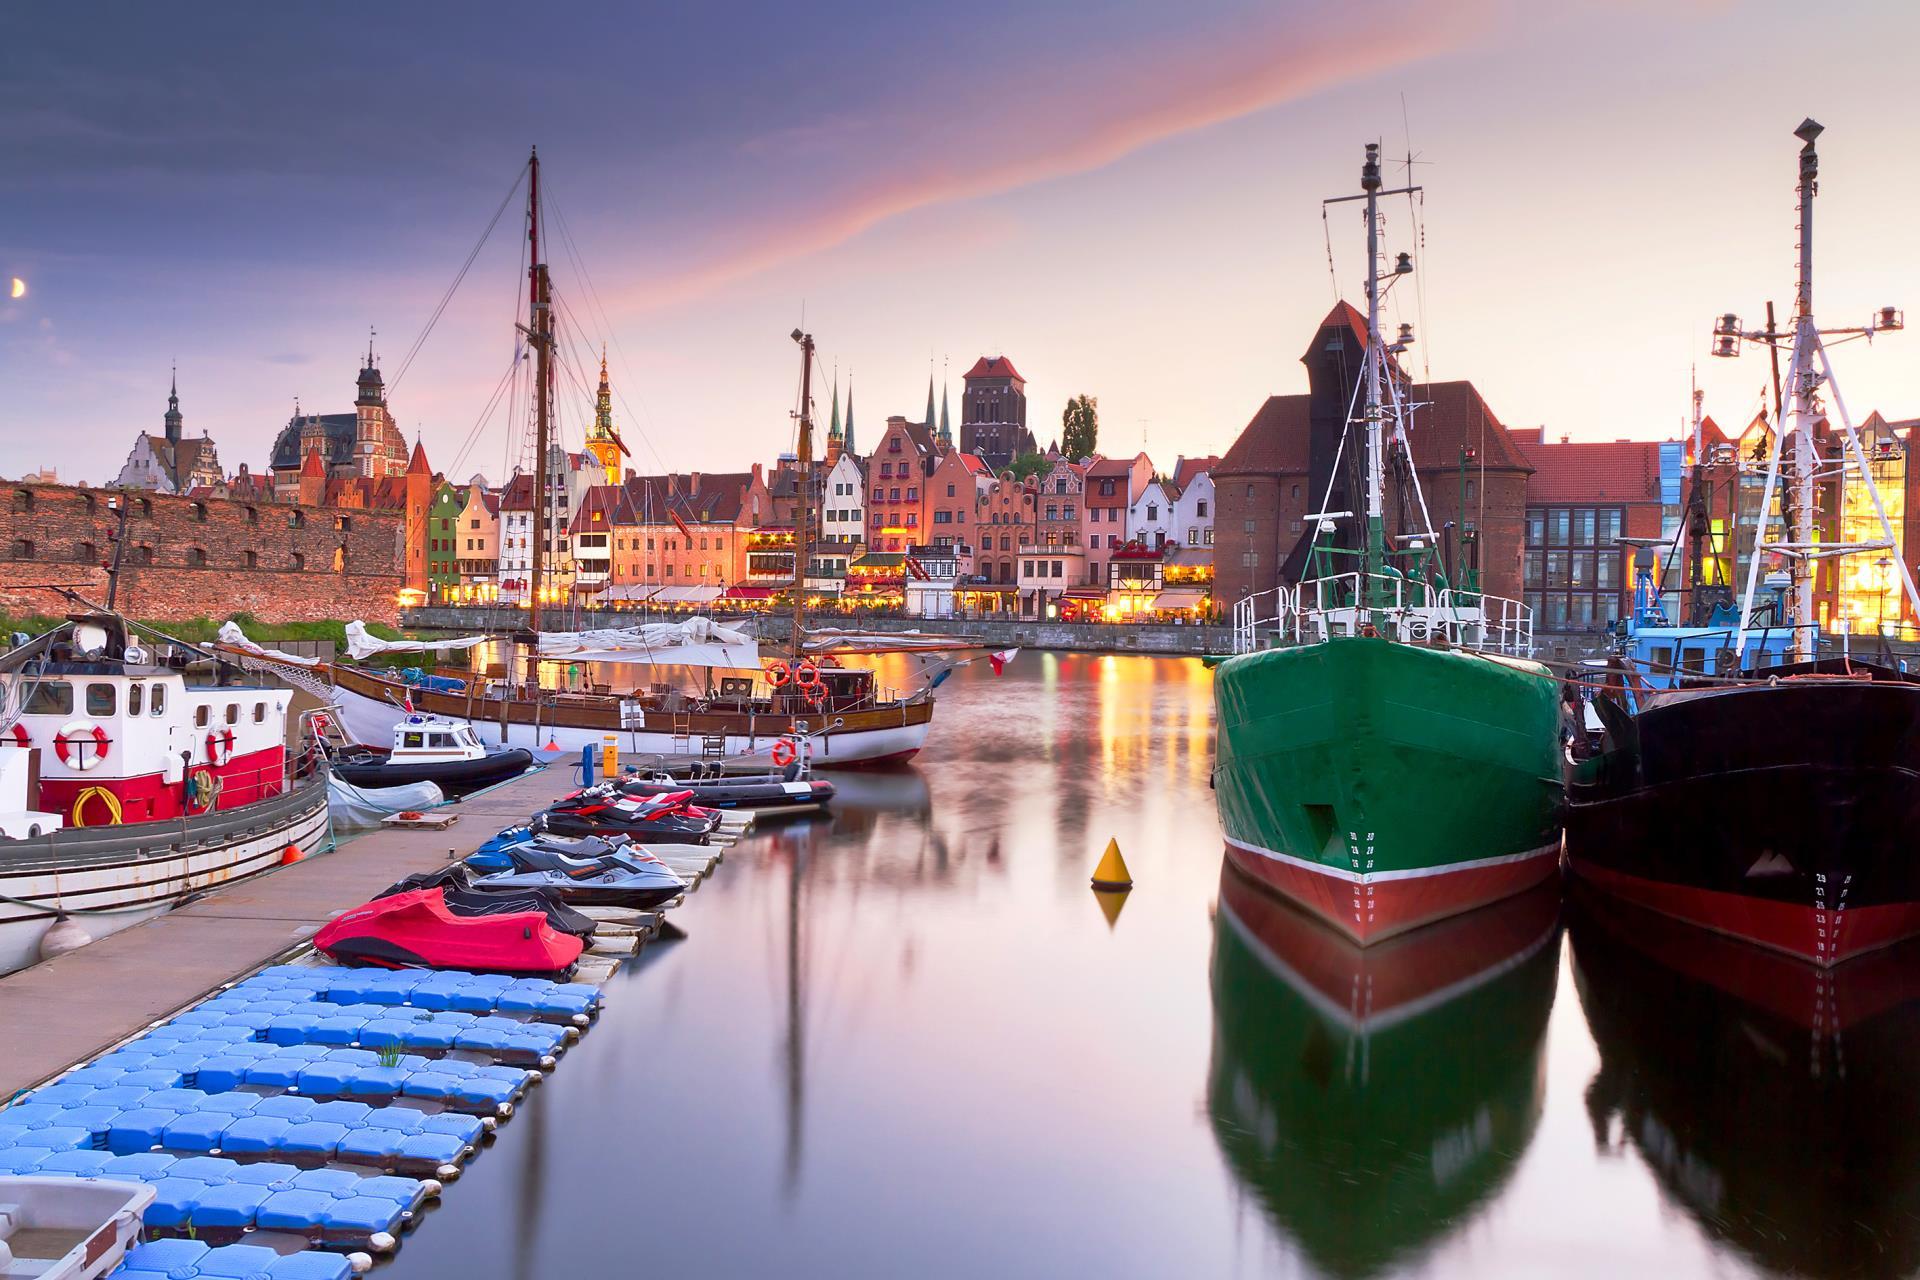 Polen: Danzig-Altstadt